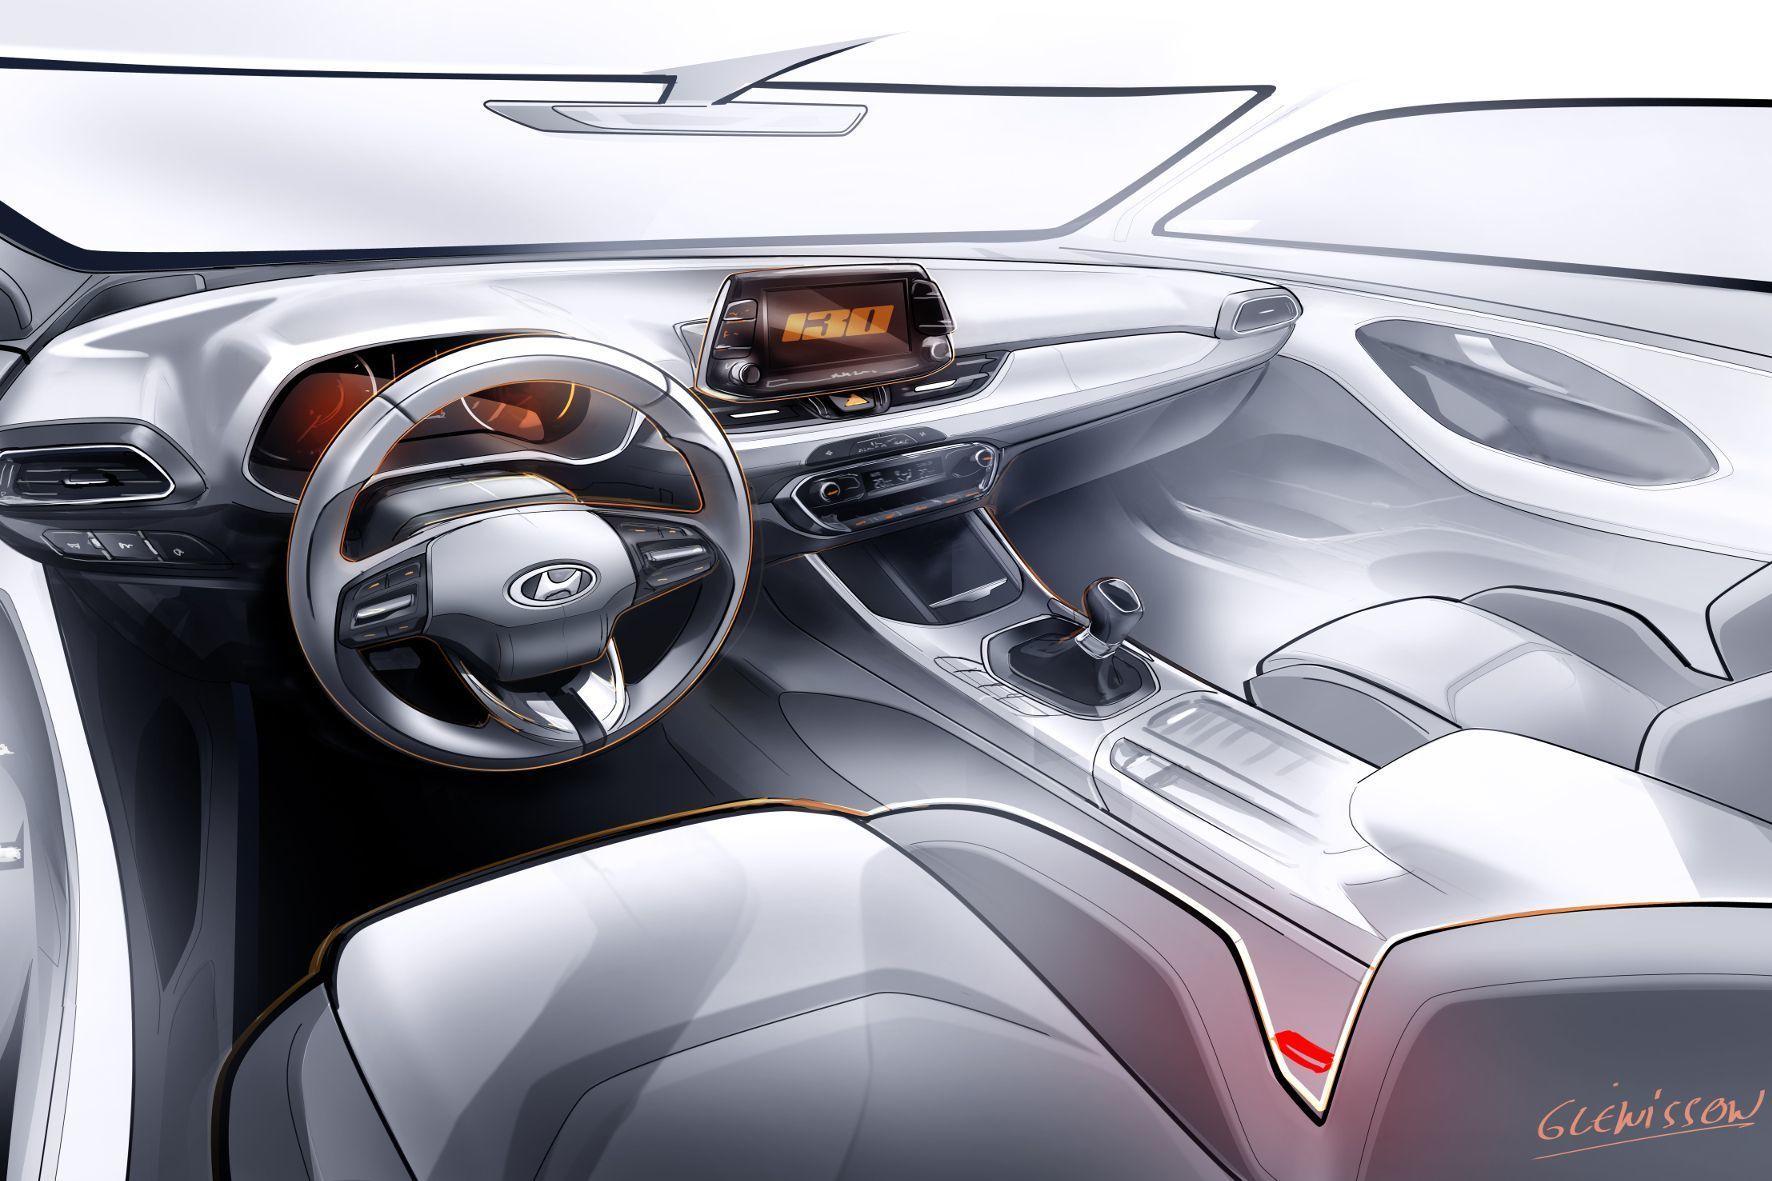 mid Groß-Gerau - Das Hyundai-Cockpit der Zukunft erkennt den körperlichen und mentalen Zustand des Fahrers und hilft ihm, sicher und komfortabel ans Ziel zu kommen.